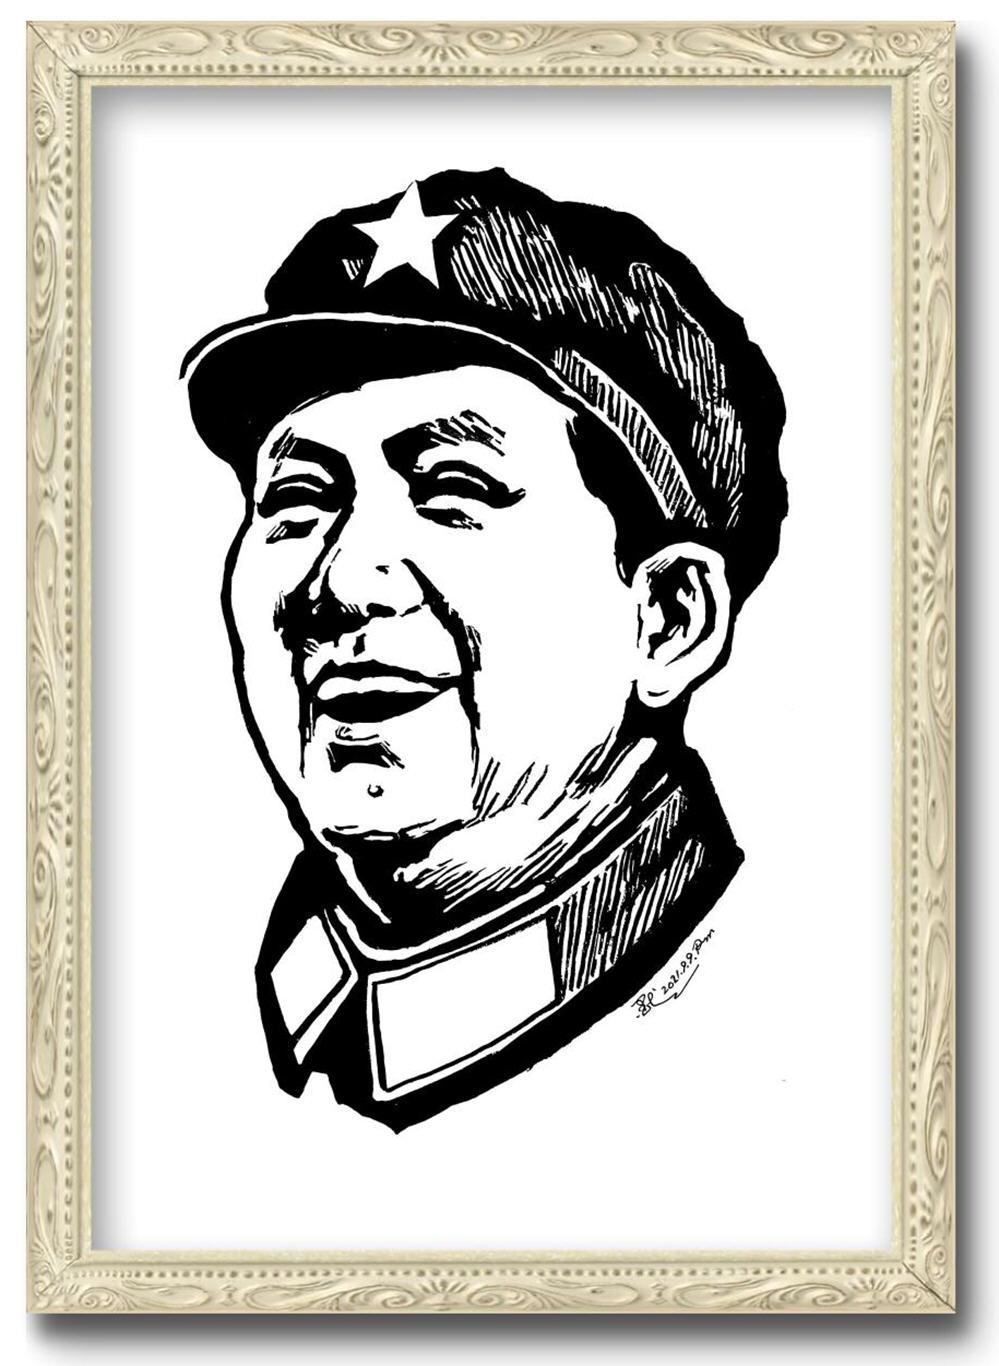 酒香阁画院 今天又画了一幅毛主席版画肖像-纪念伟人